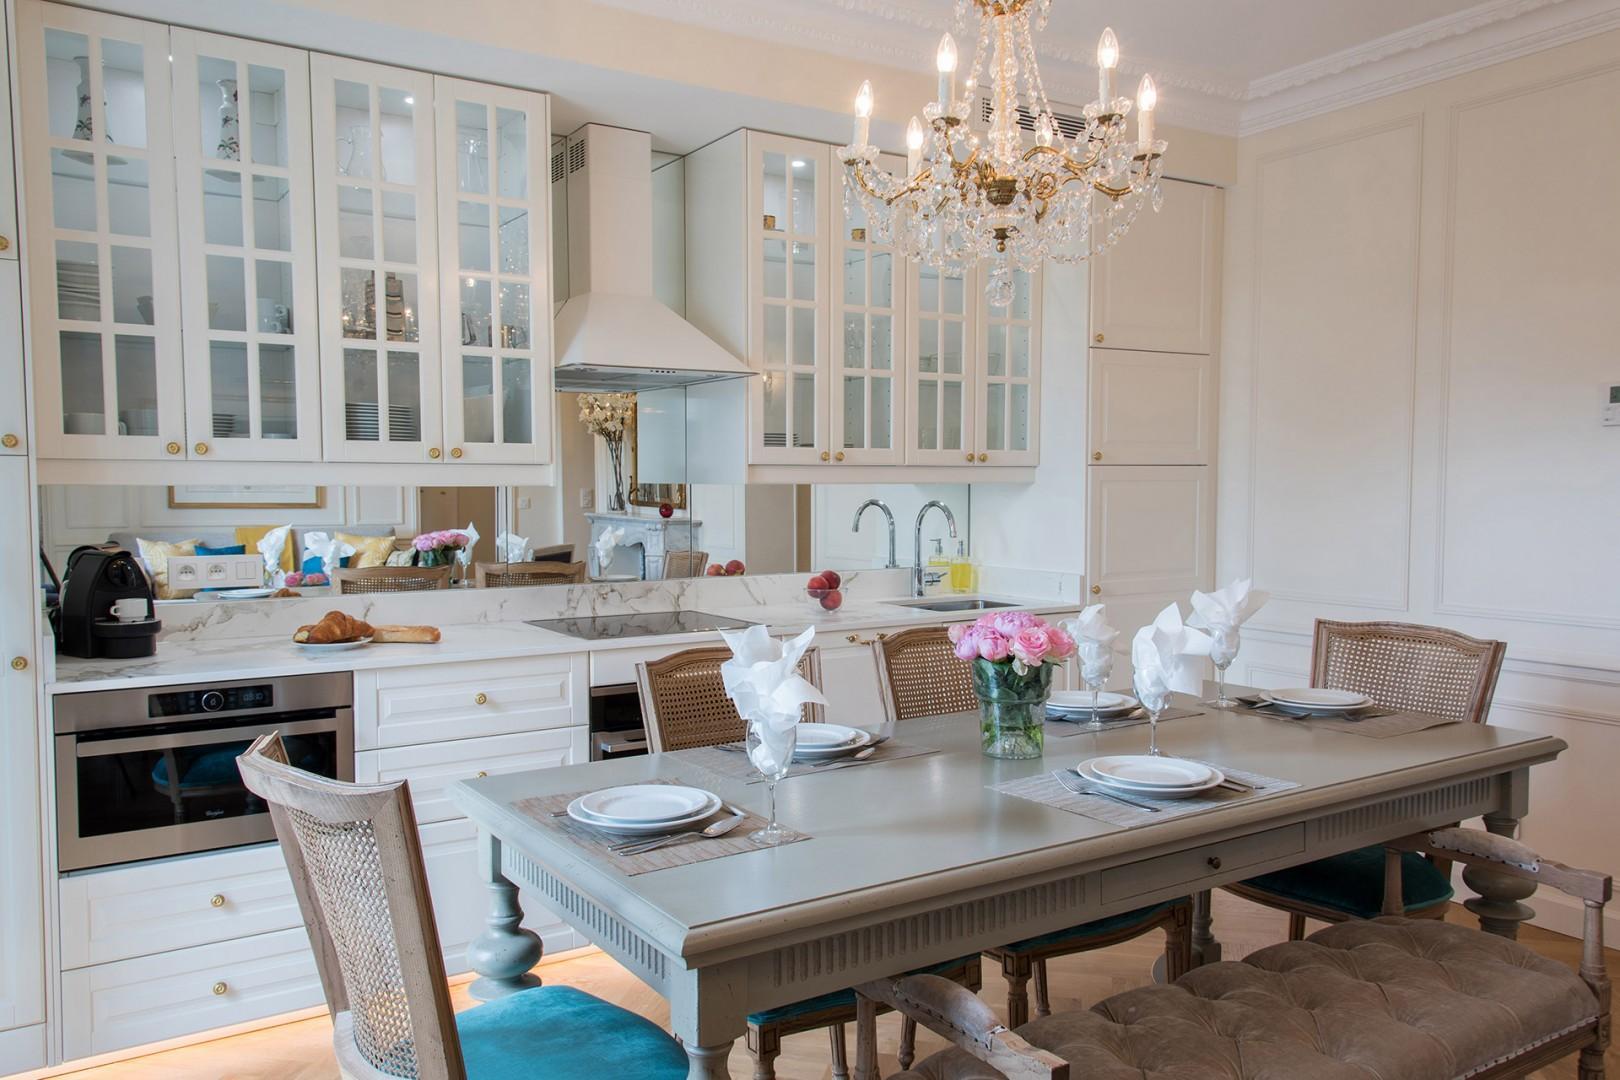 The 7th arrondissement apartment exudes the classic Parisian luxury.